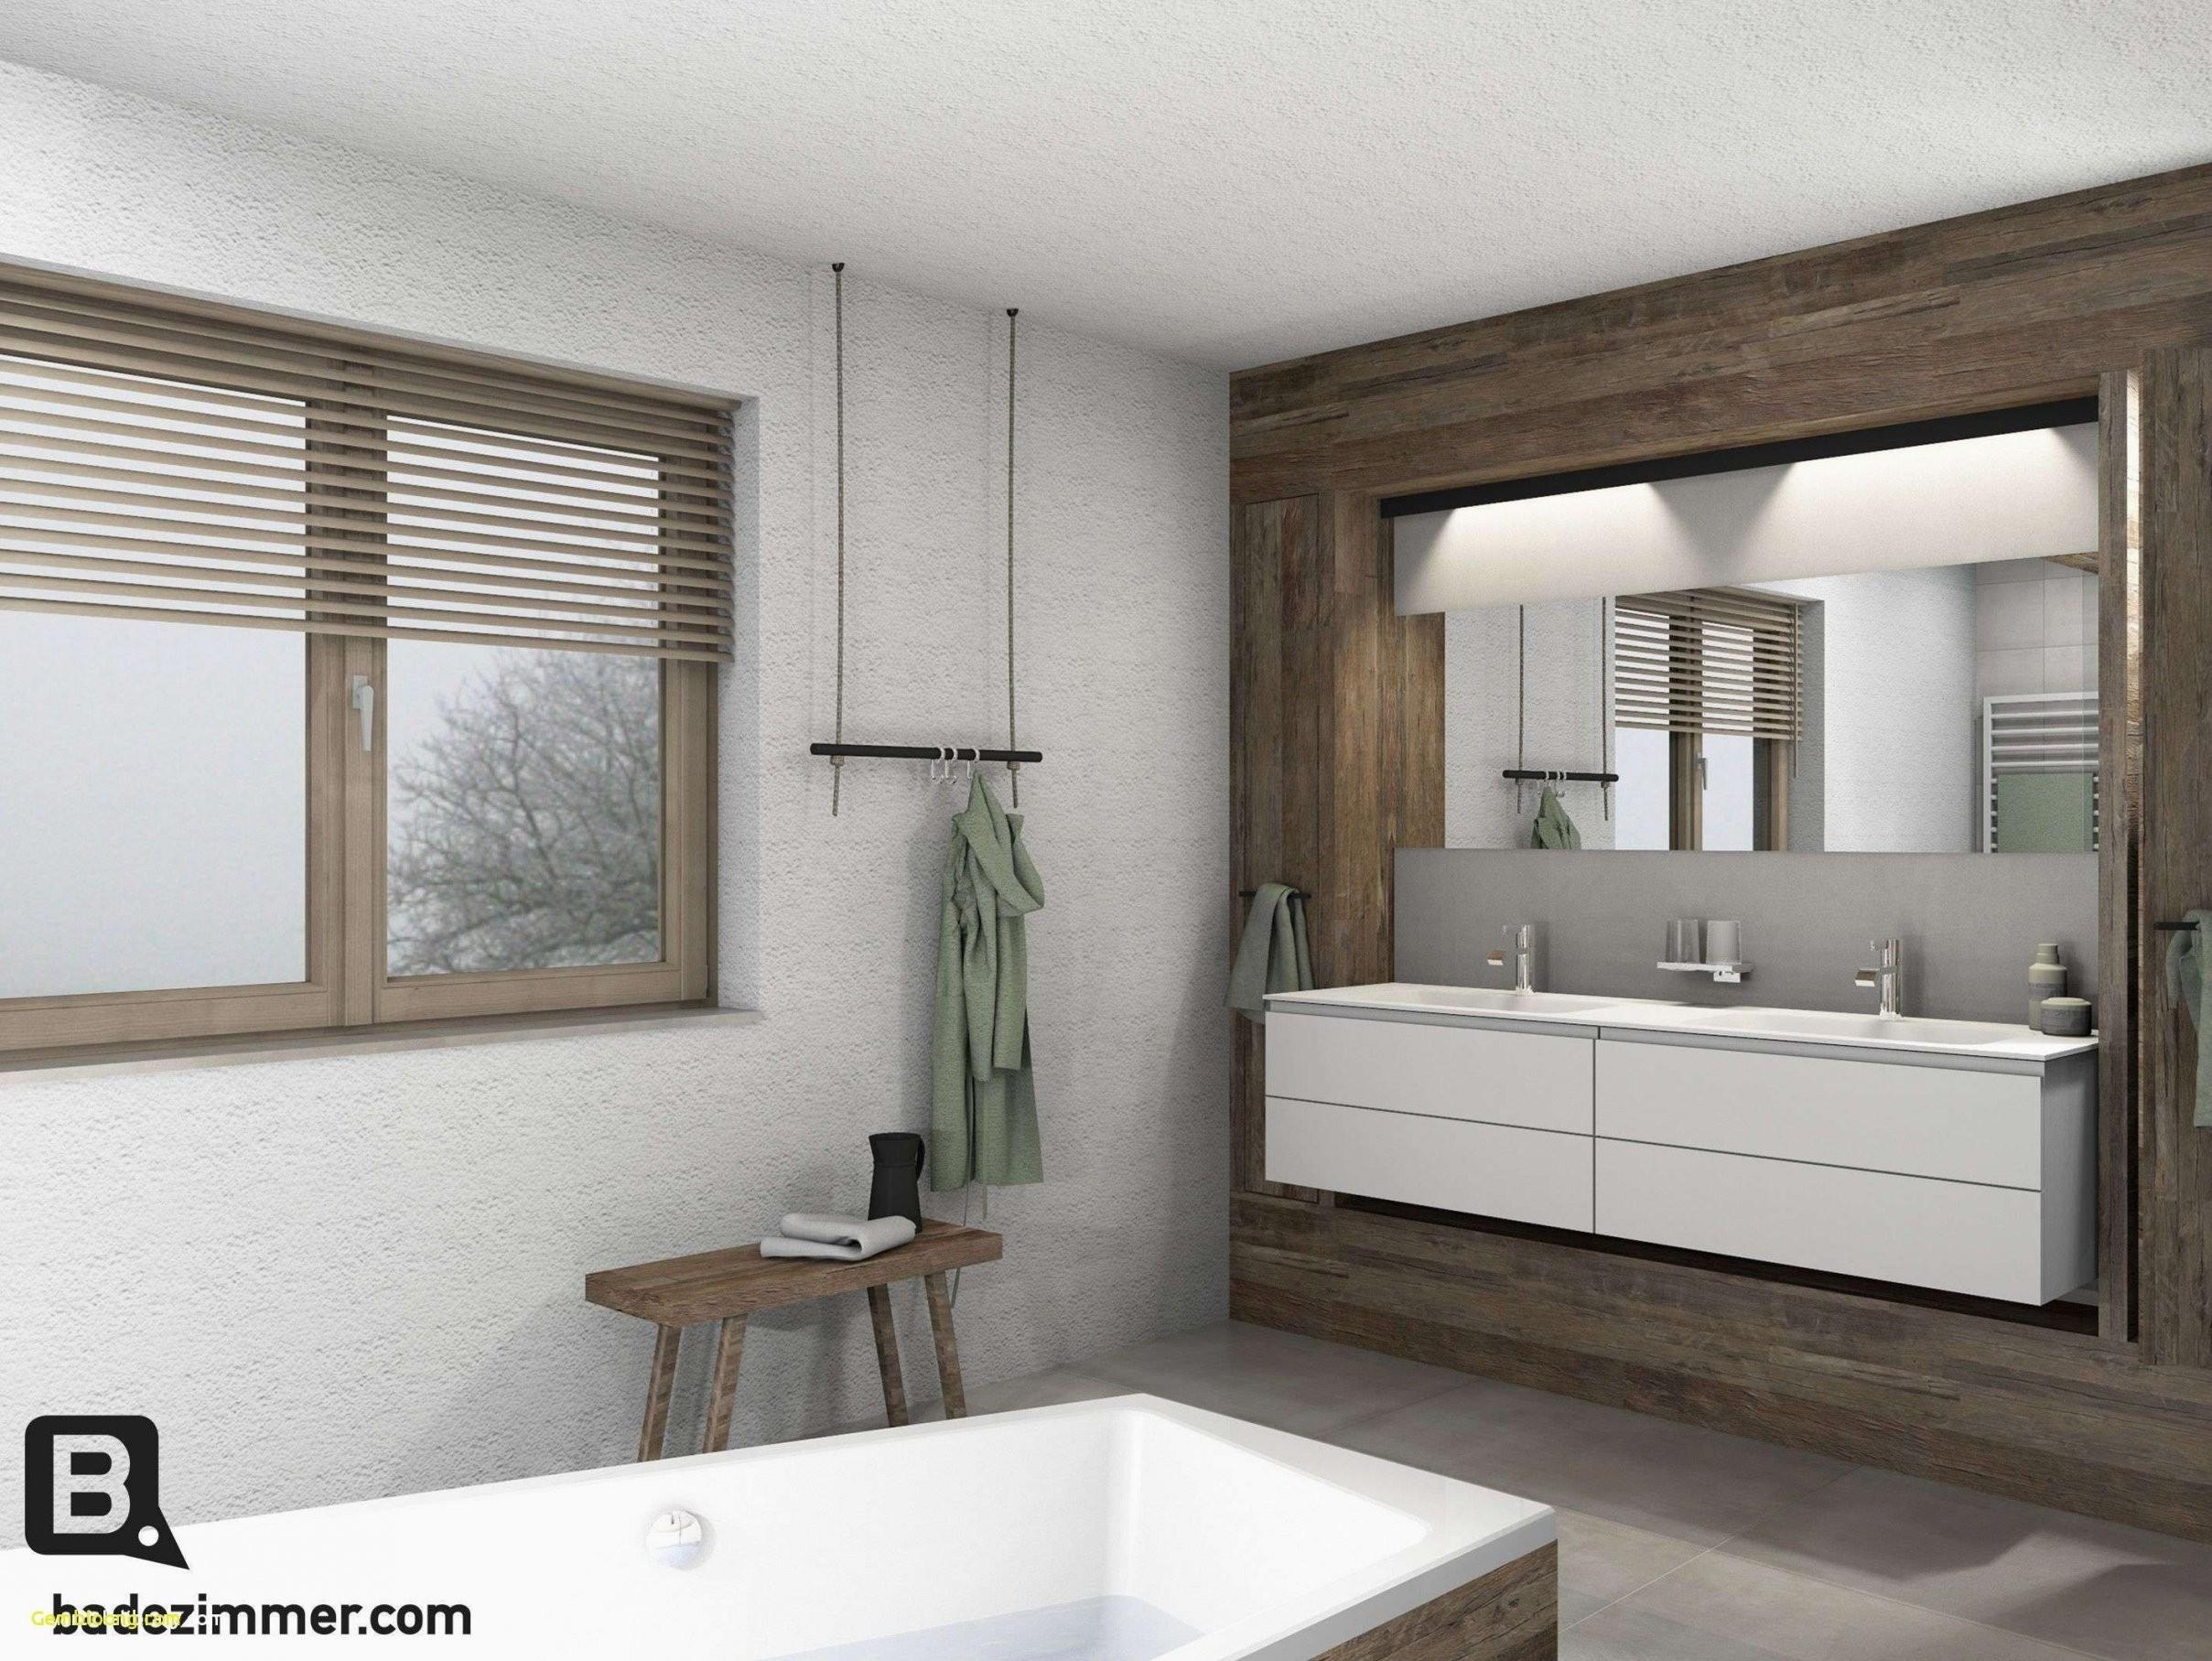 Ideen Für Badezimmer Umbau Verführerisch Badezimmer Archives Page 3 von Badezimmer Umbau Fotos Ideen Photo